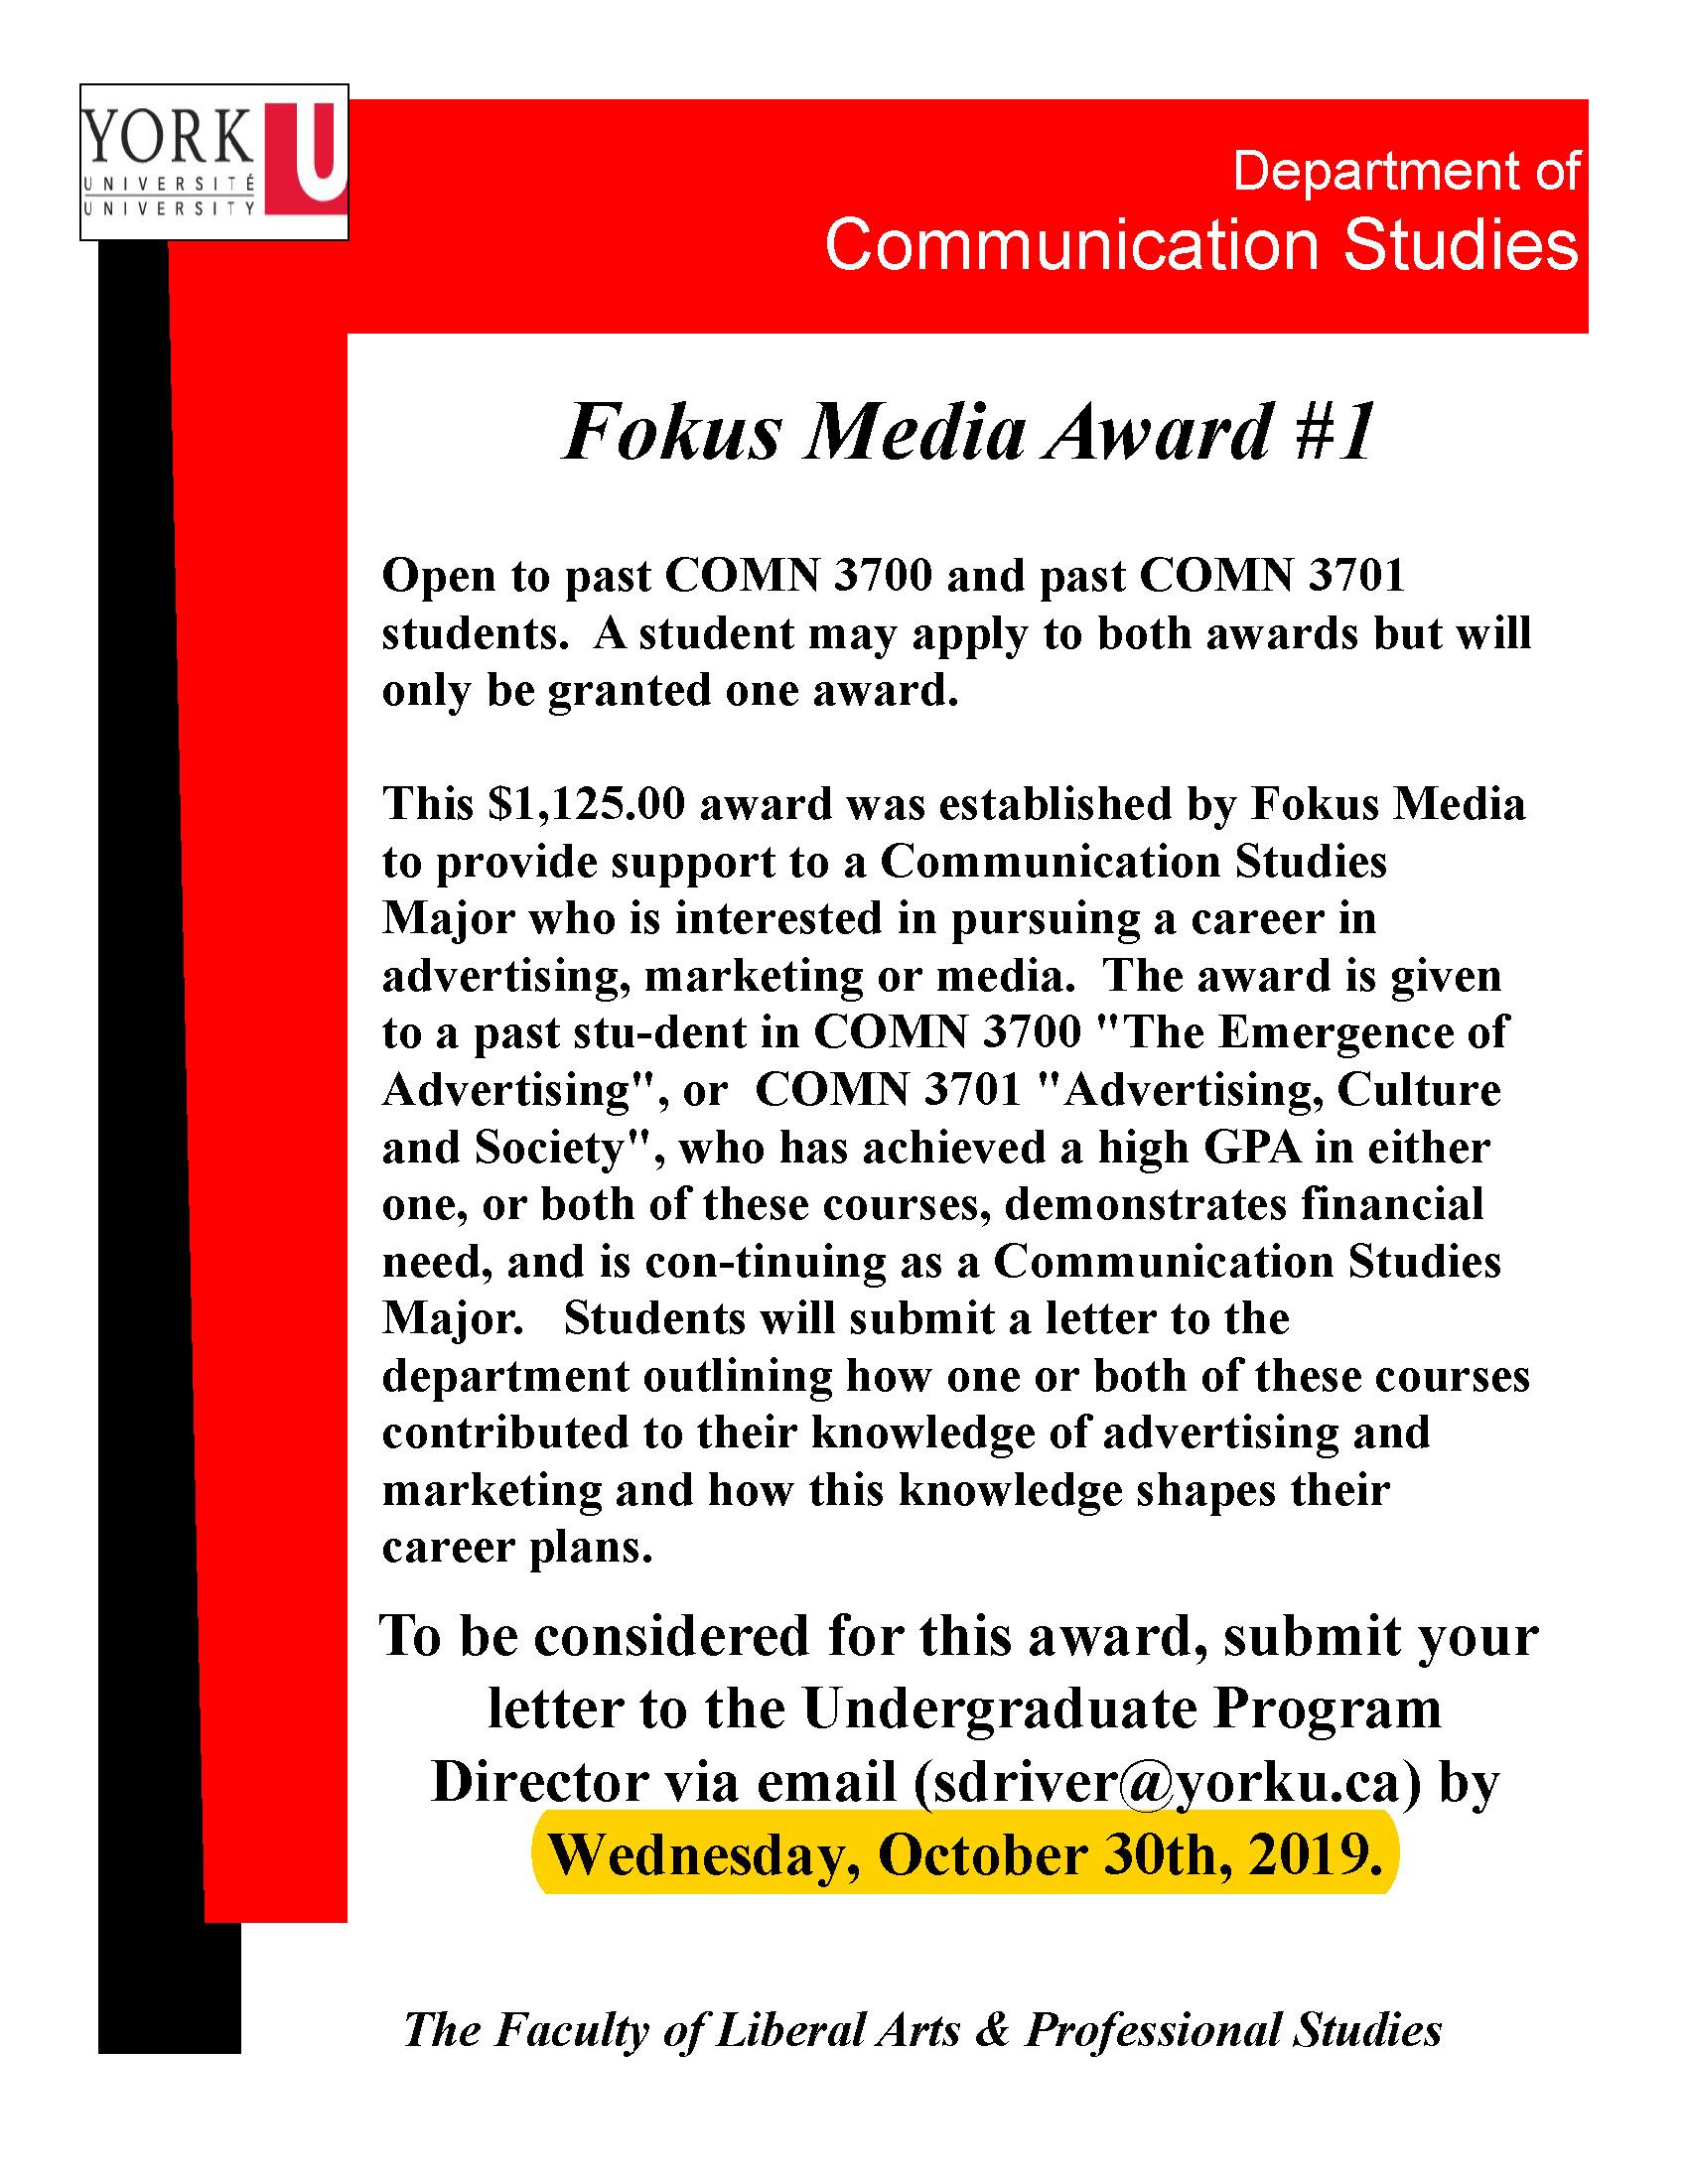 Flyer - Fokus Media Award #1